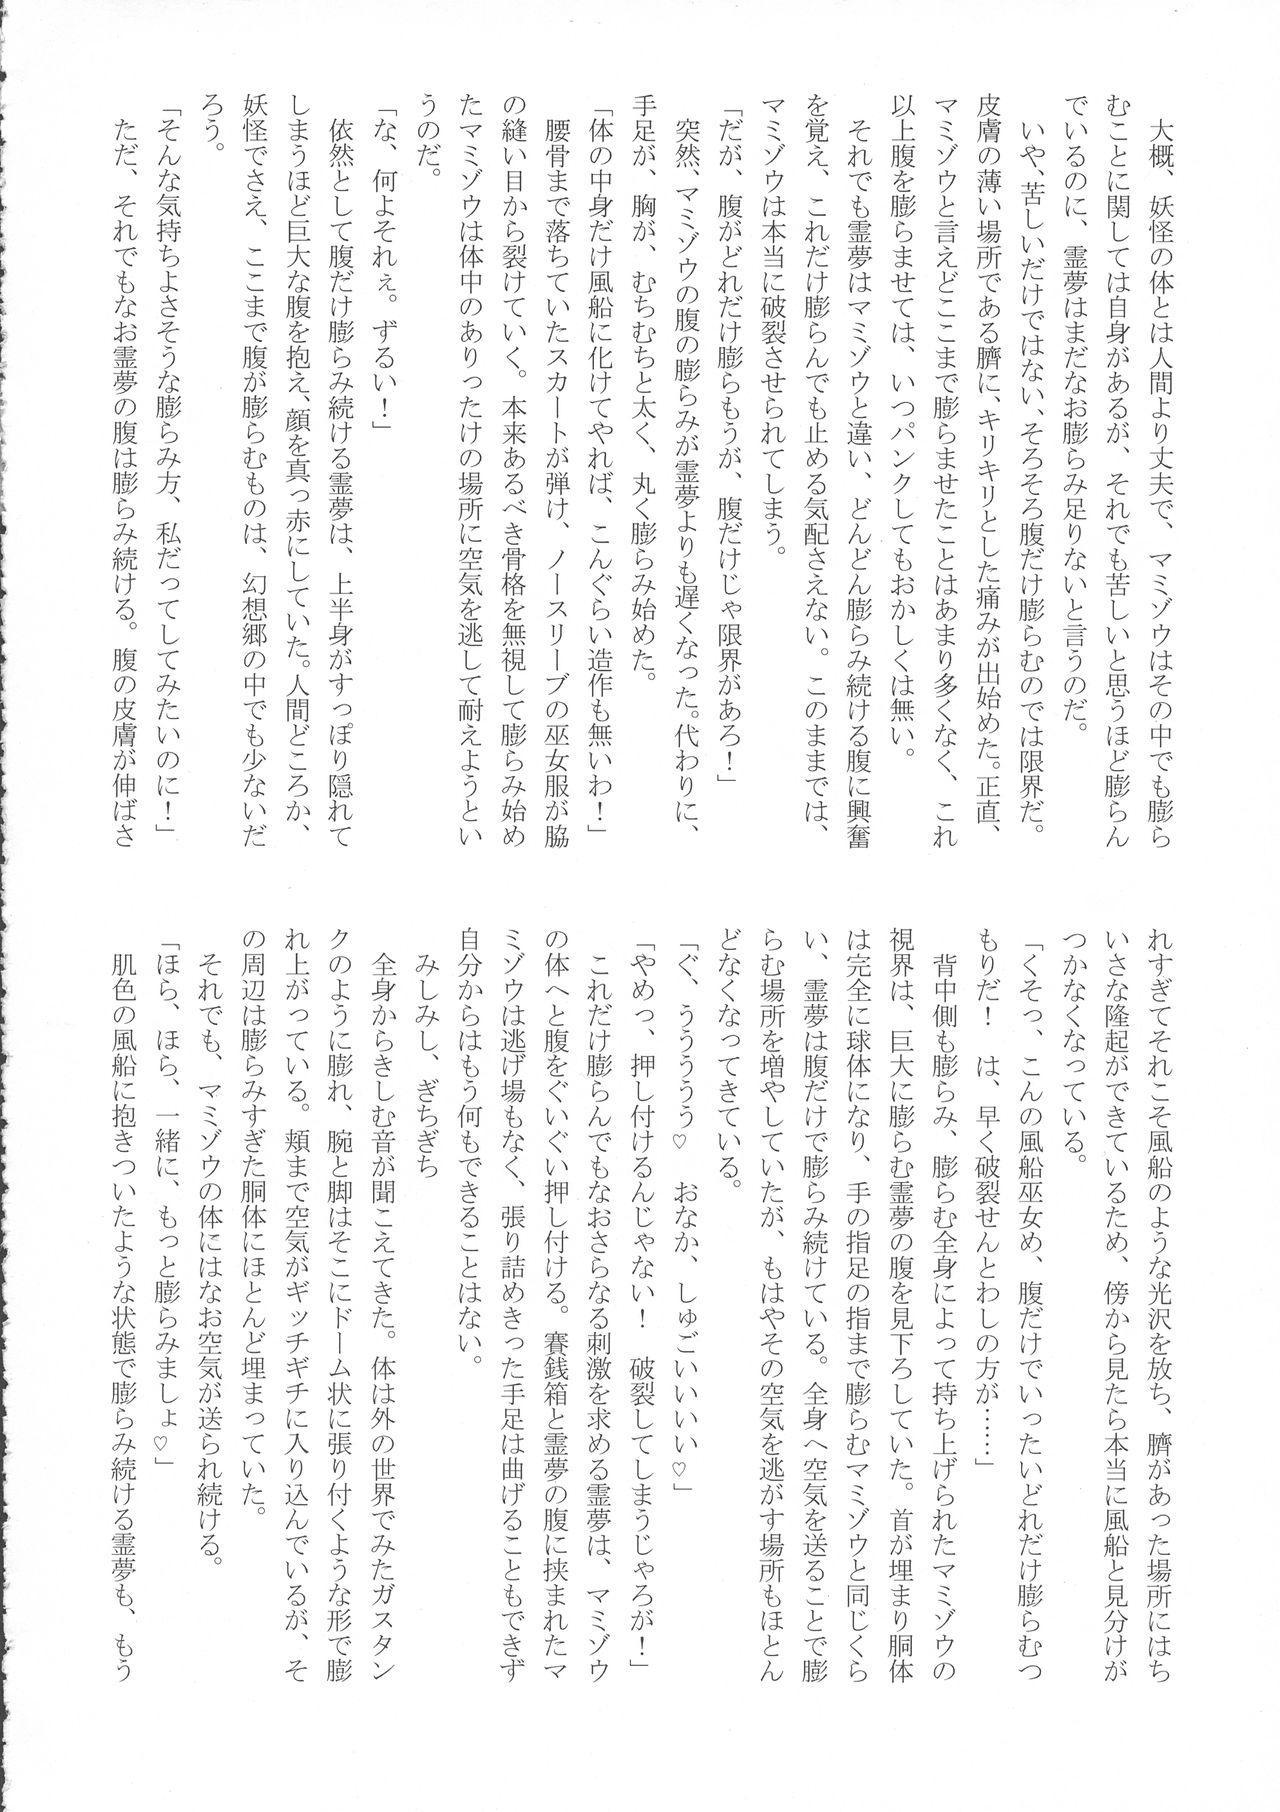 (Reitaisai 15) [HORIC WORKS (Various)] Touhou Bouchou-kei Sougou Goudou-shi `Boujo 2!!!!!!!!' (Touhou Project) 90